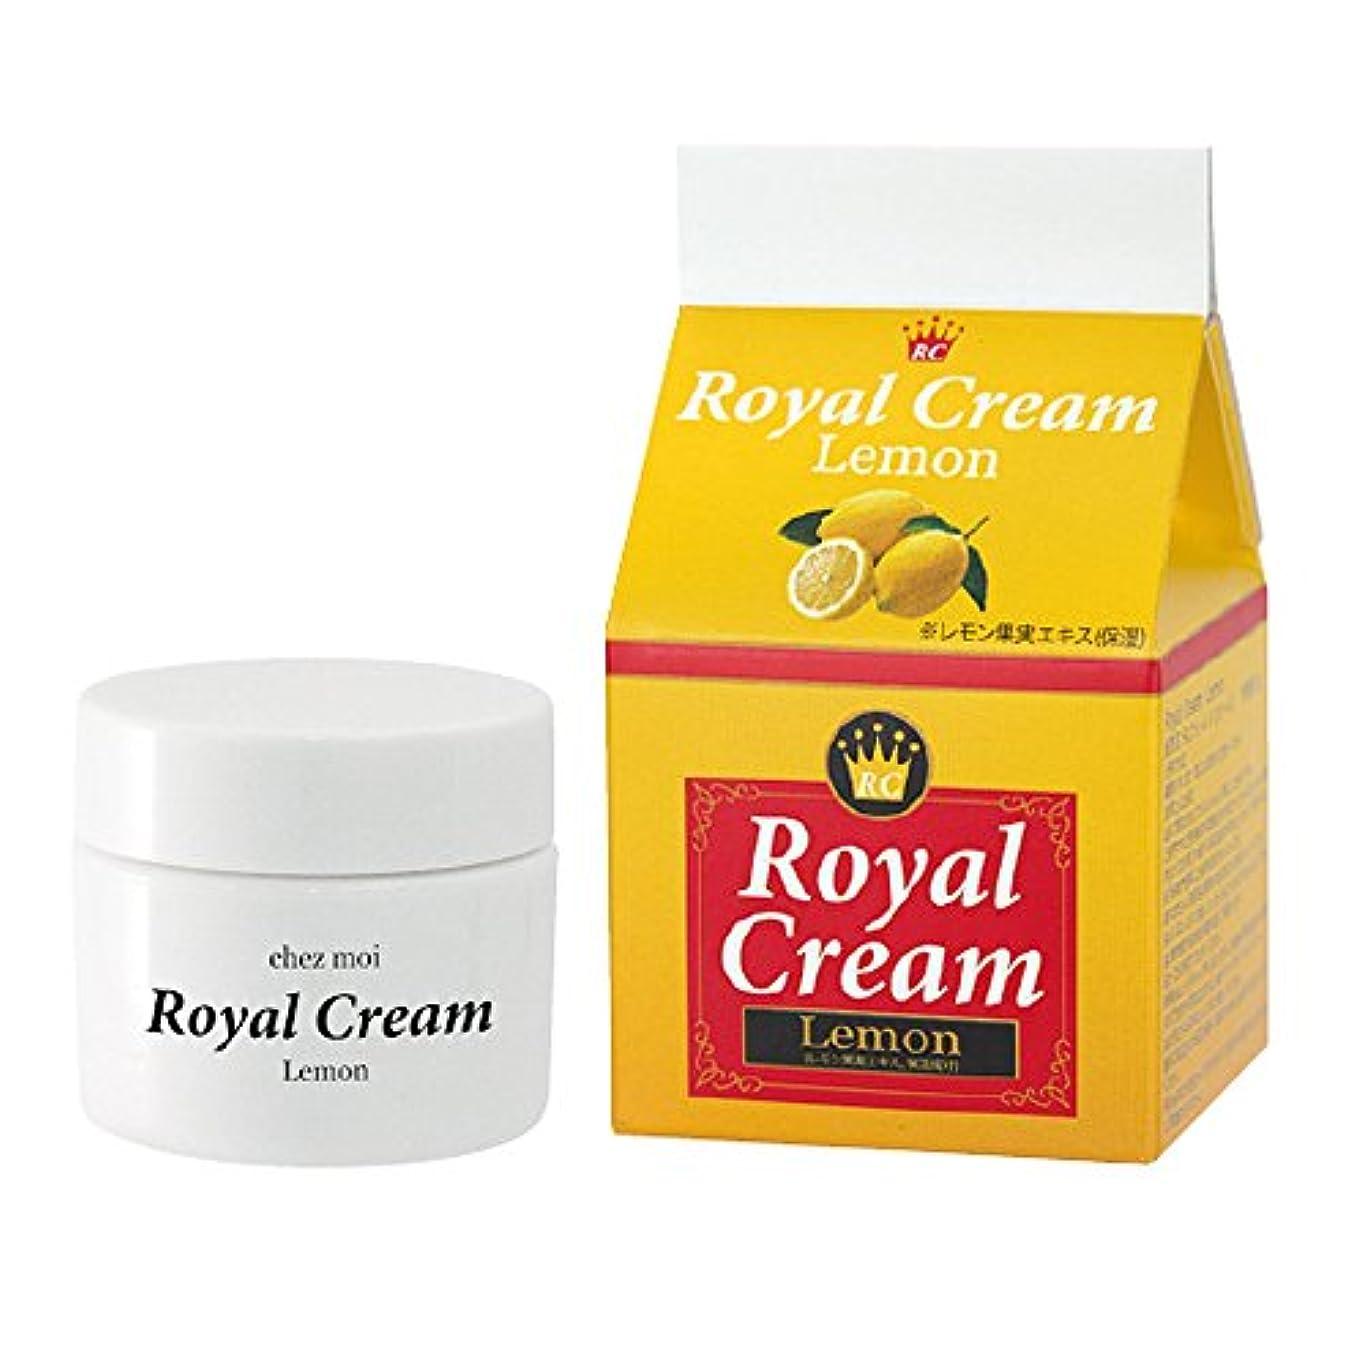 デクリメント傾向がある国民投票シェモア Royal Cream Lemon(ロイヤルクリームレモン) 30g